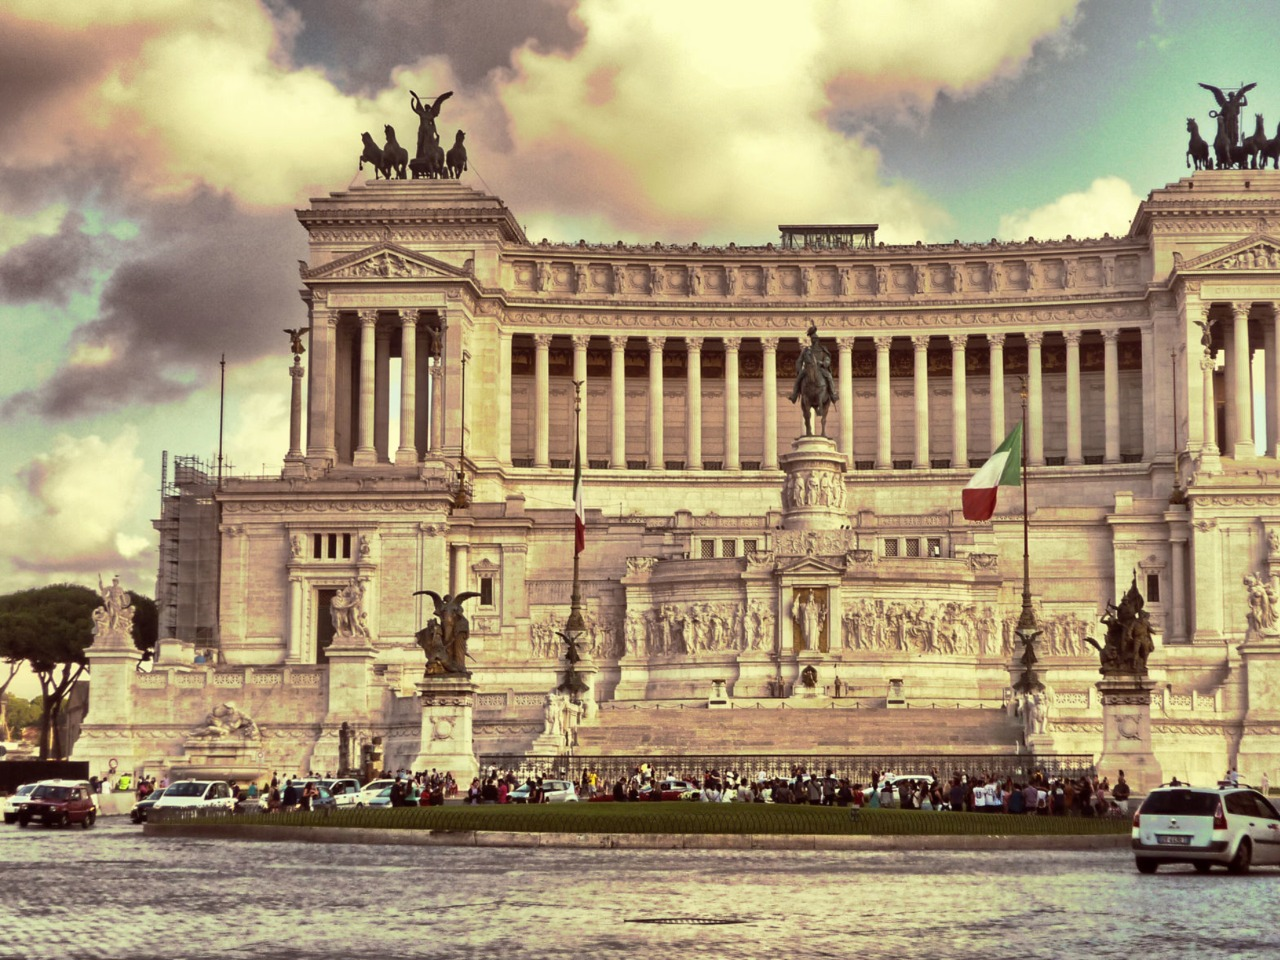 По красотам Рима - на автомобиле! - индивидуальная экскурсия в Риме от опытного гида